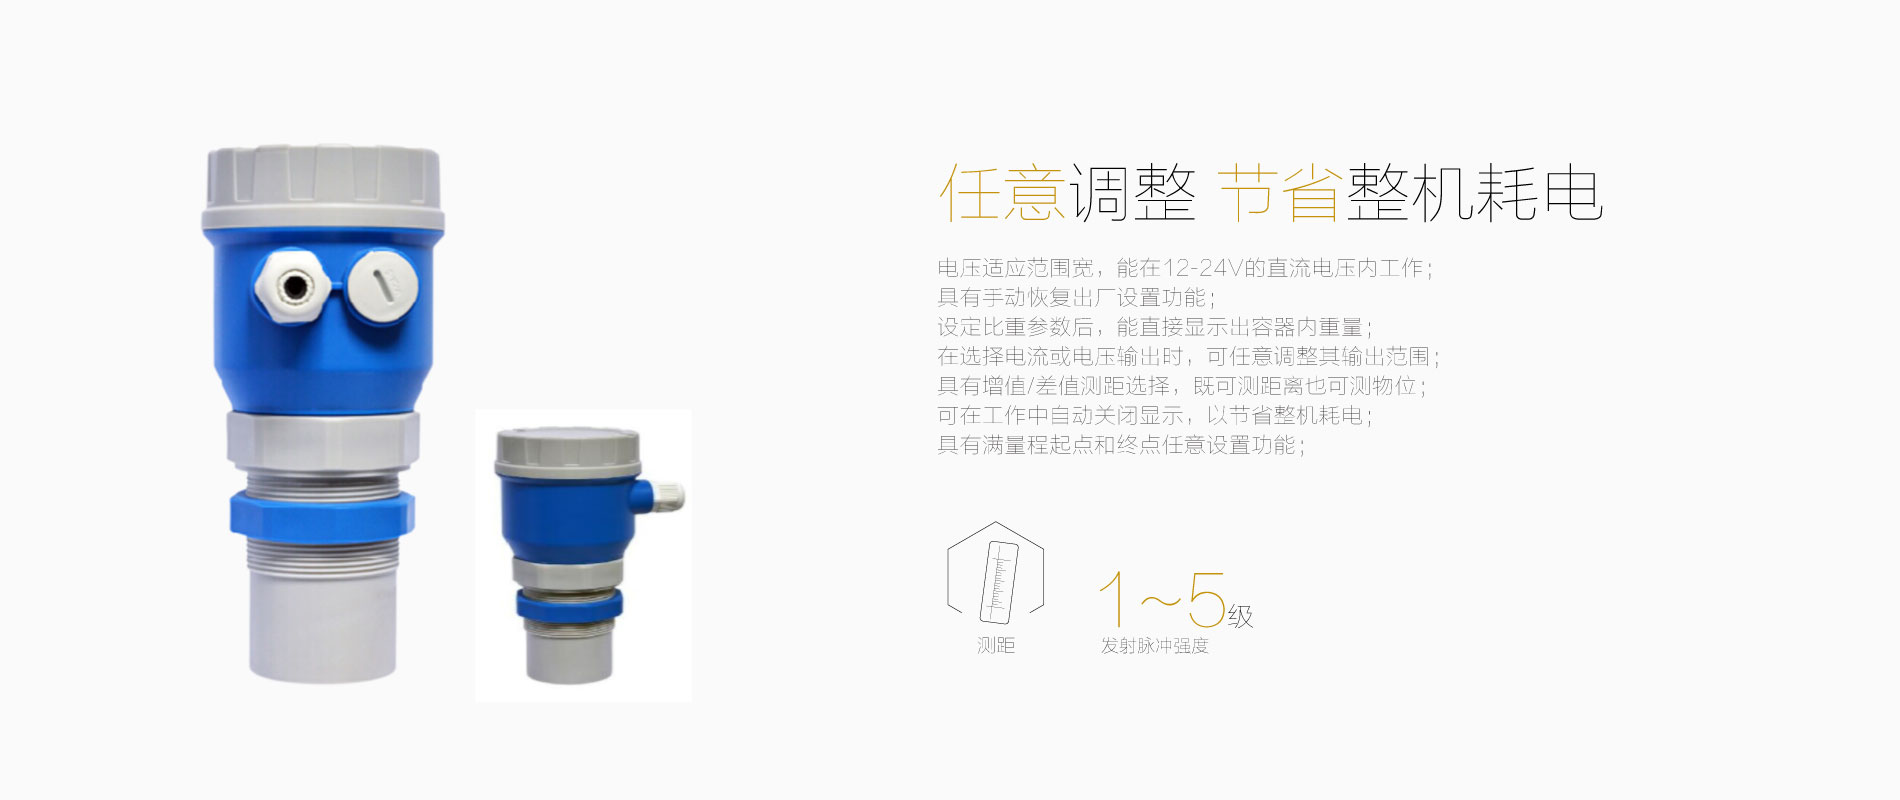 華測導航_超聲波液位計價格,任意調整測距,節省整機耗電的超聲波液位計價格及性能參數